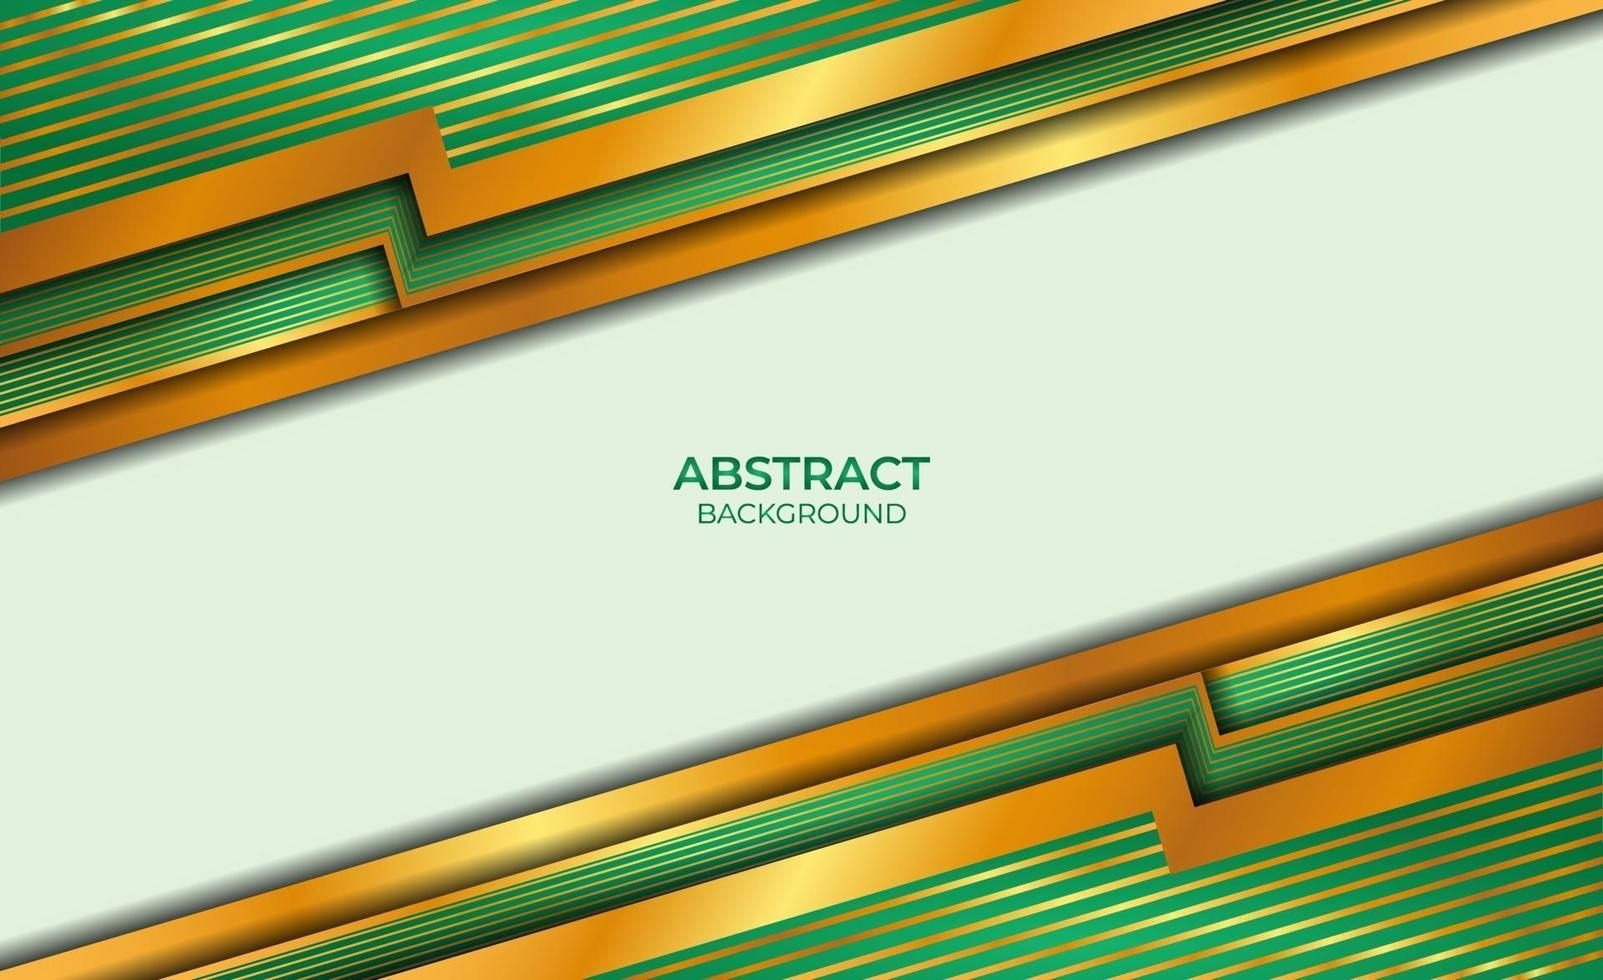 achtergrond abstracte stijl goud en groen vector